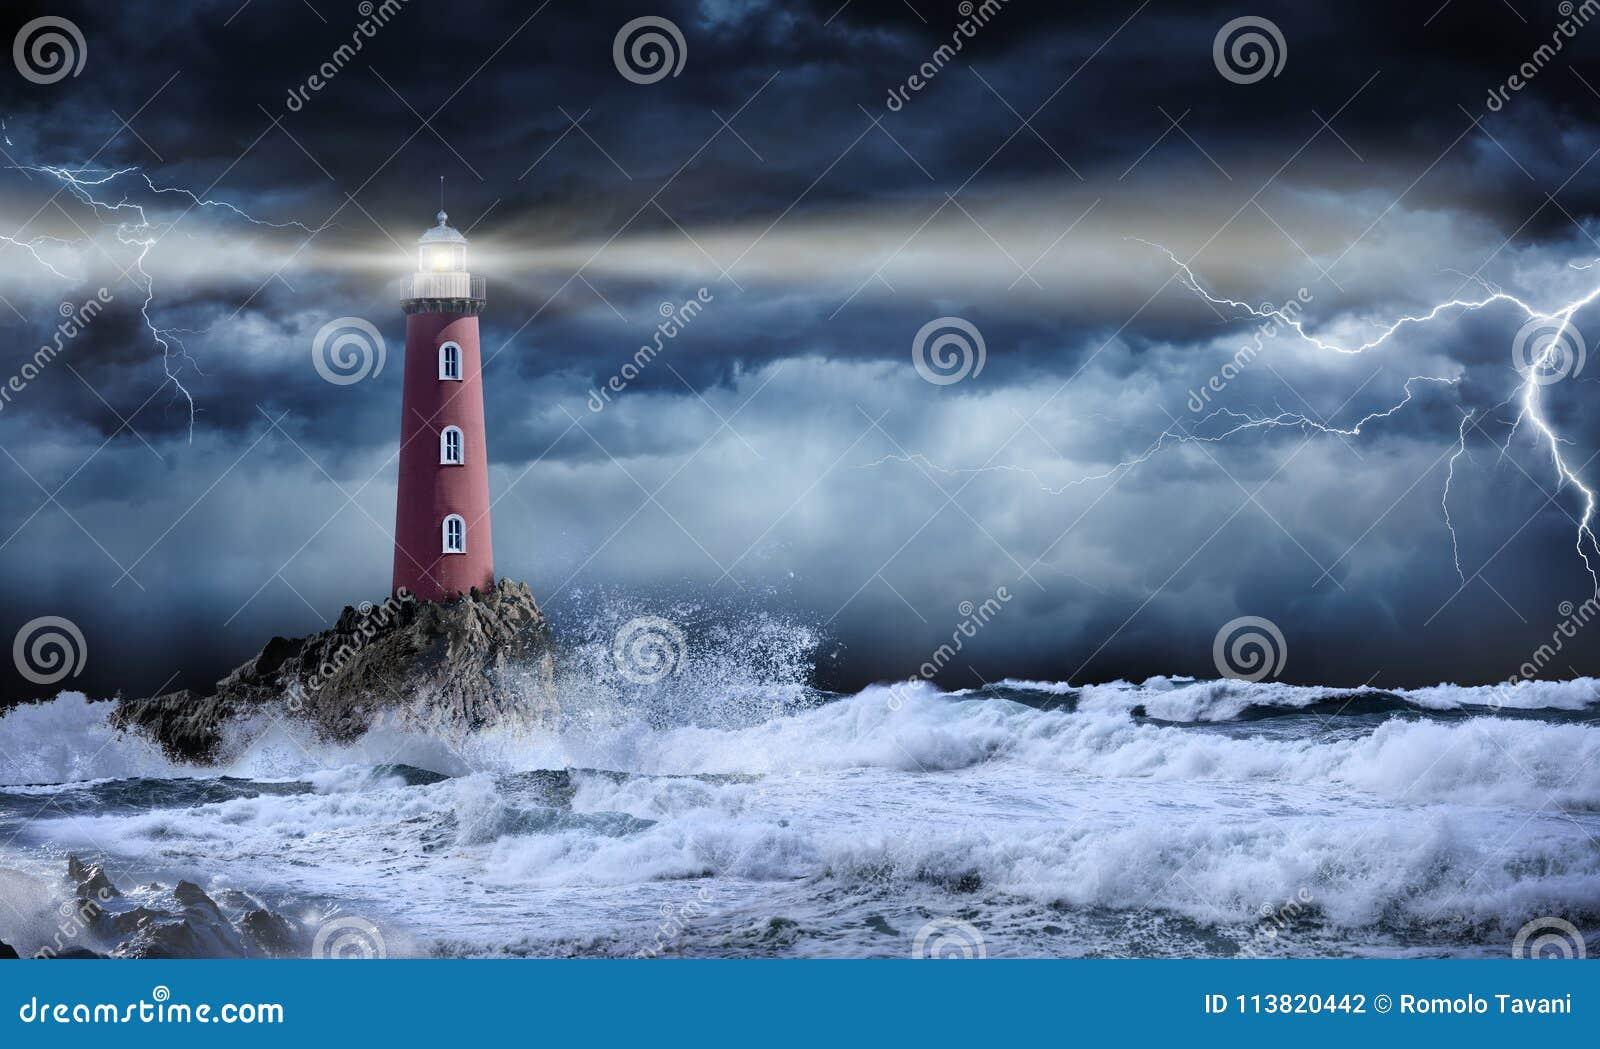 Leuchtturm in der stürmischen Landschaft